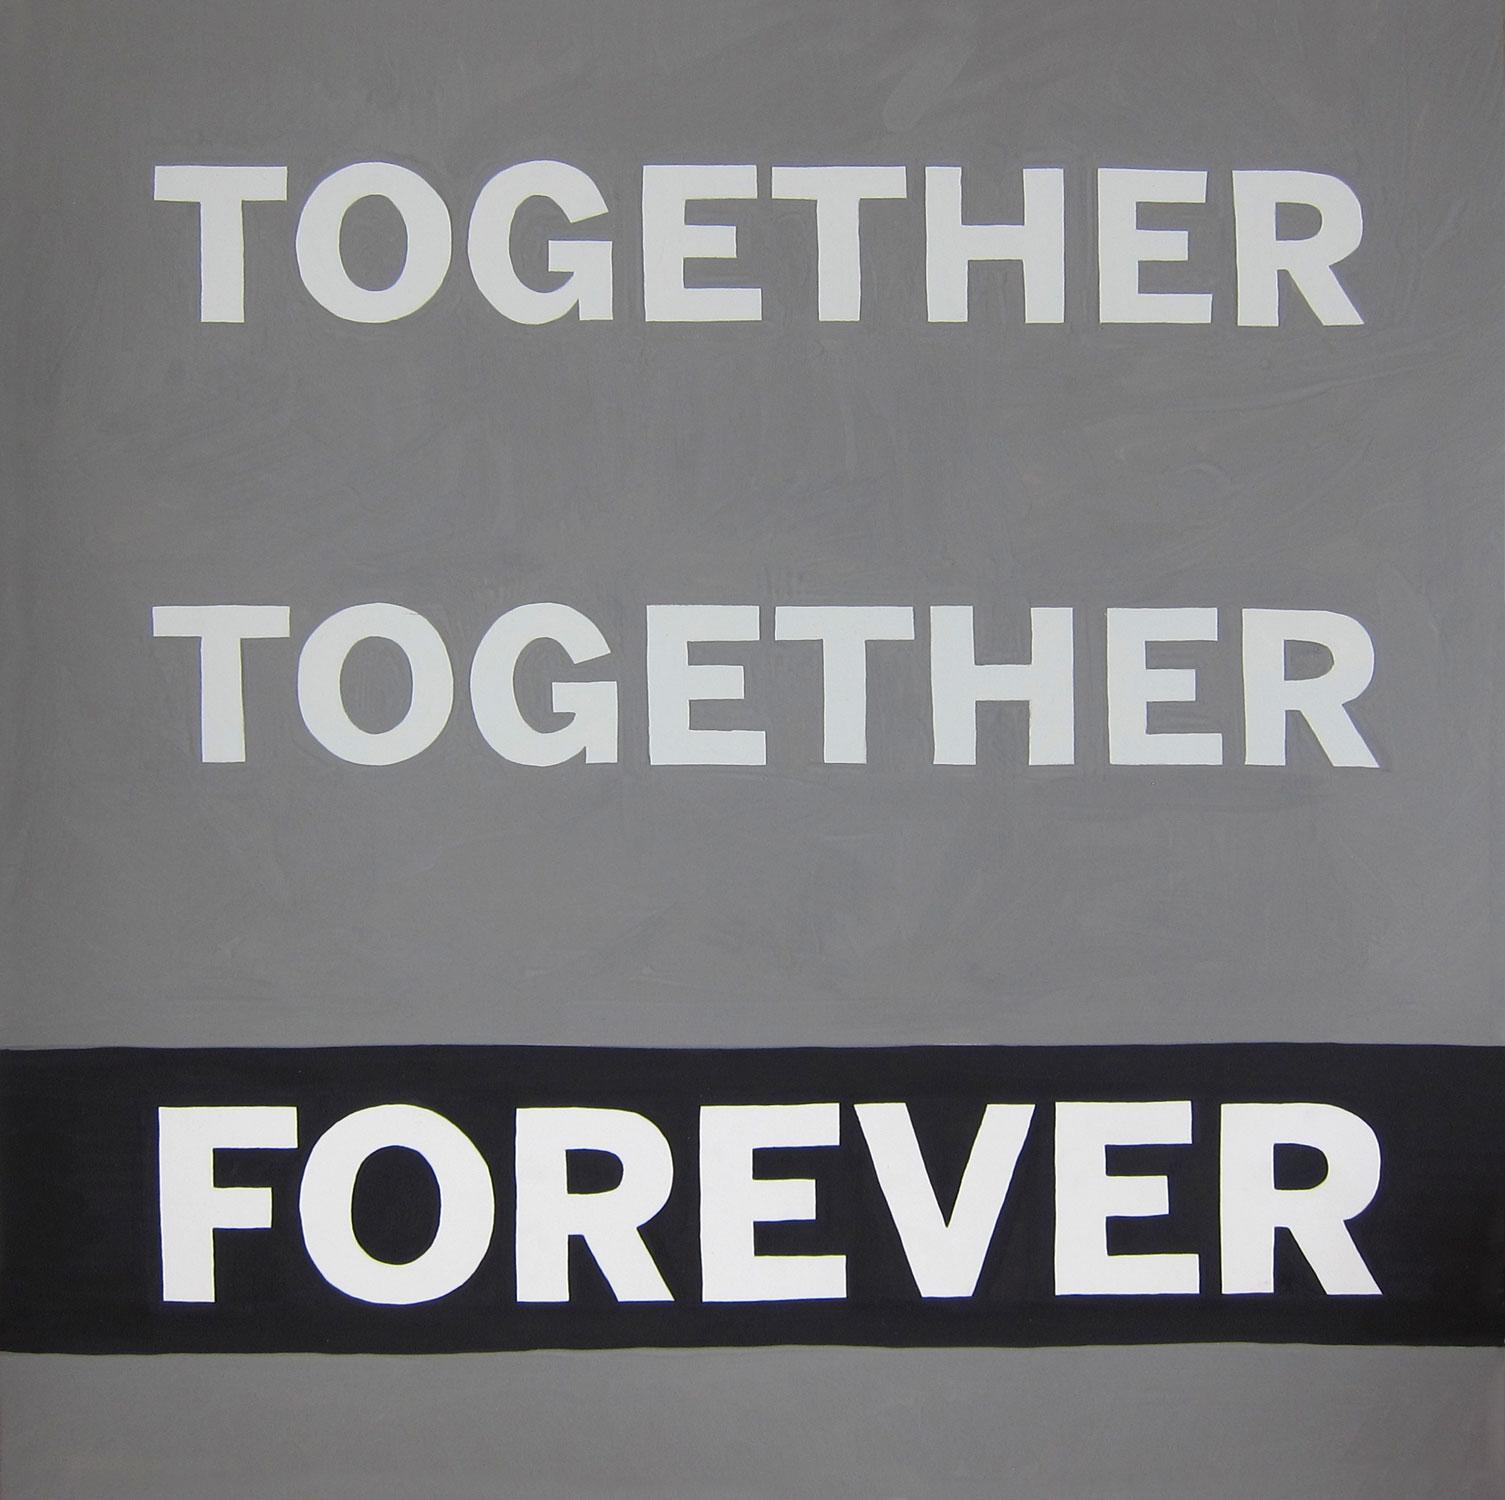 TOGETHER TOGETHER FOREVER